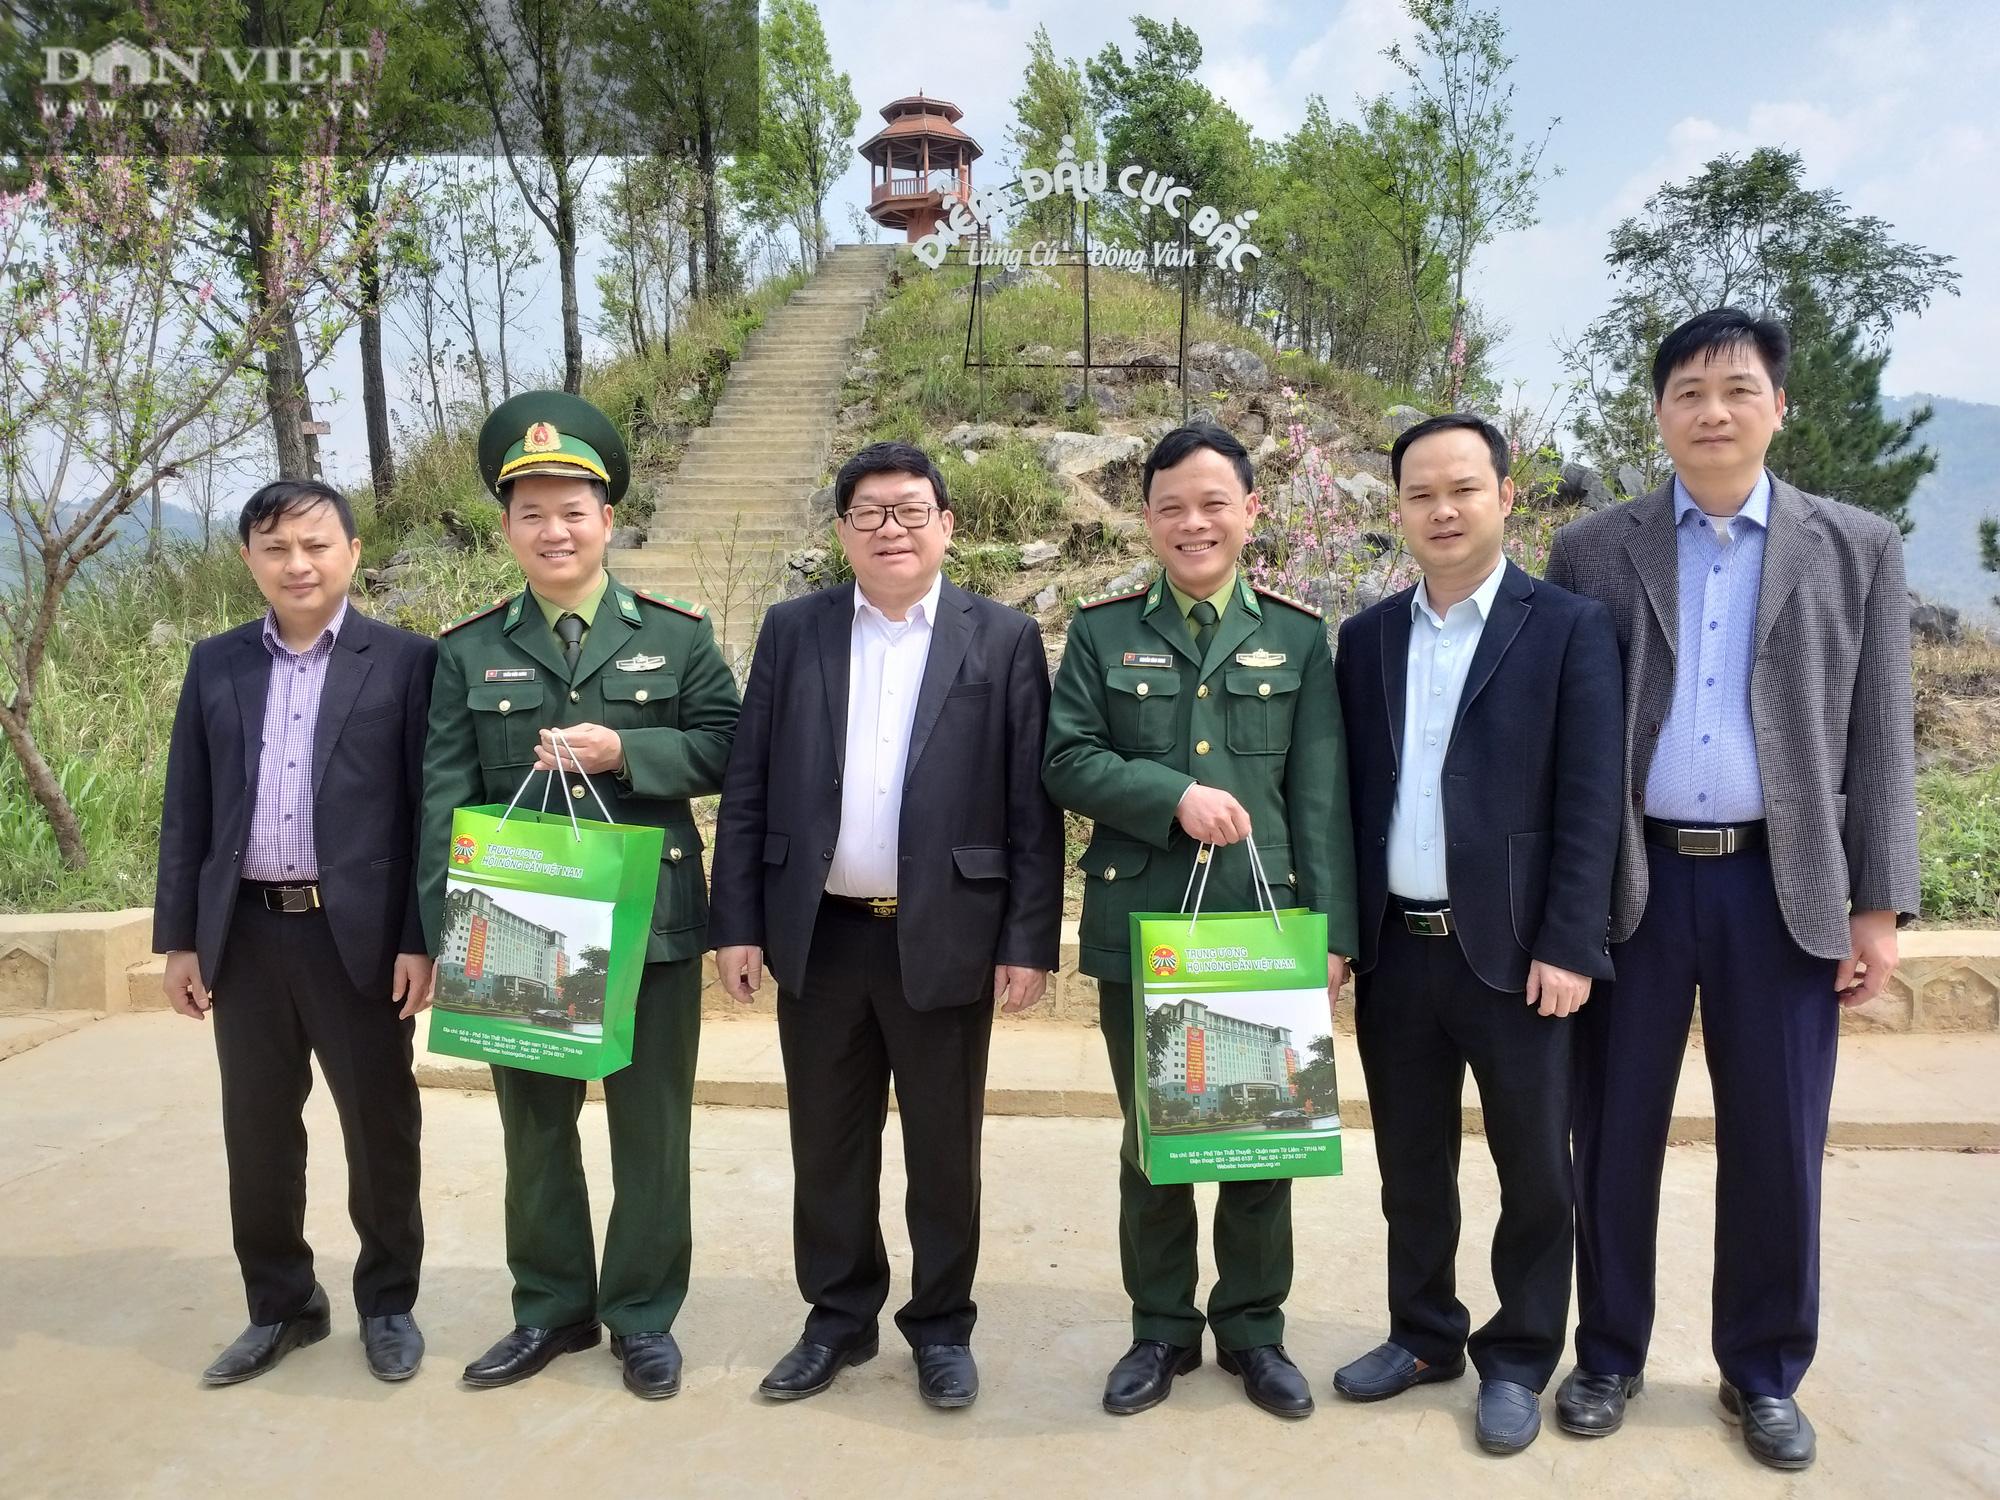 Chủ tịch Hội ND Việt Nam gợi mở giúp huyện núi đá Hà Giang vượt khó - Ảnh 4.